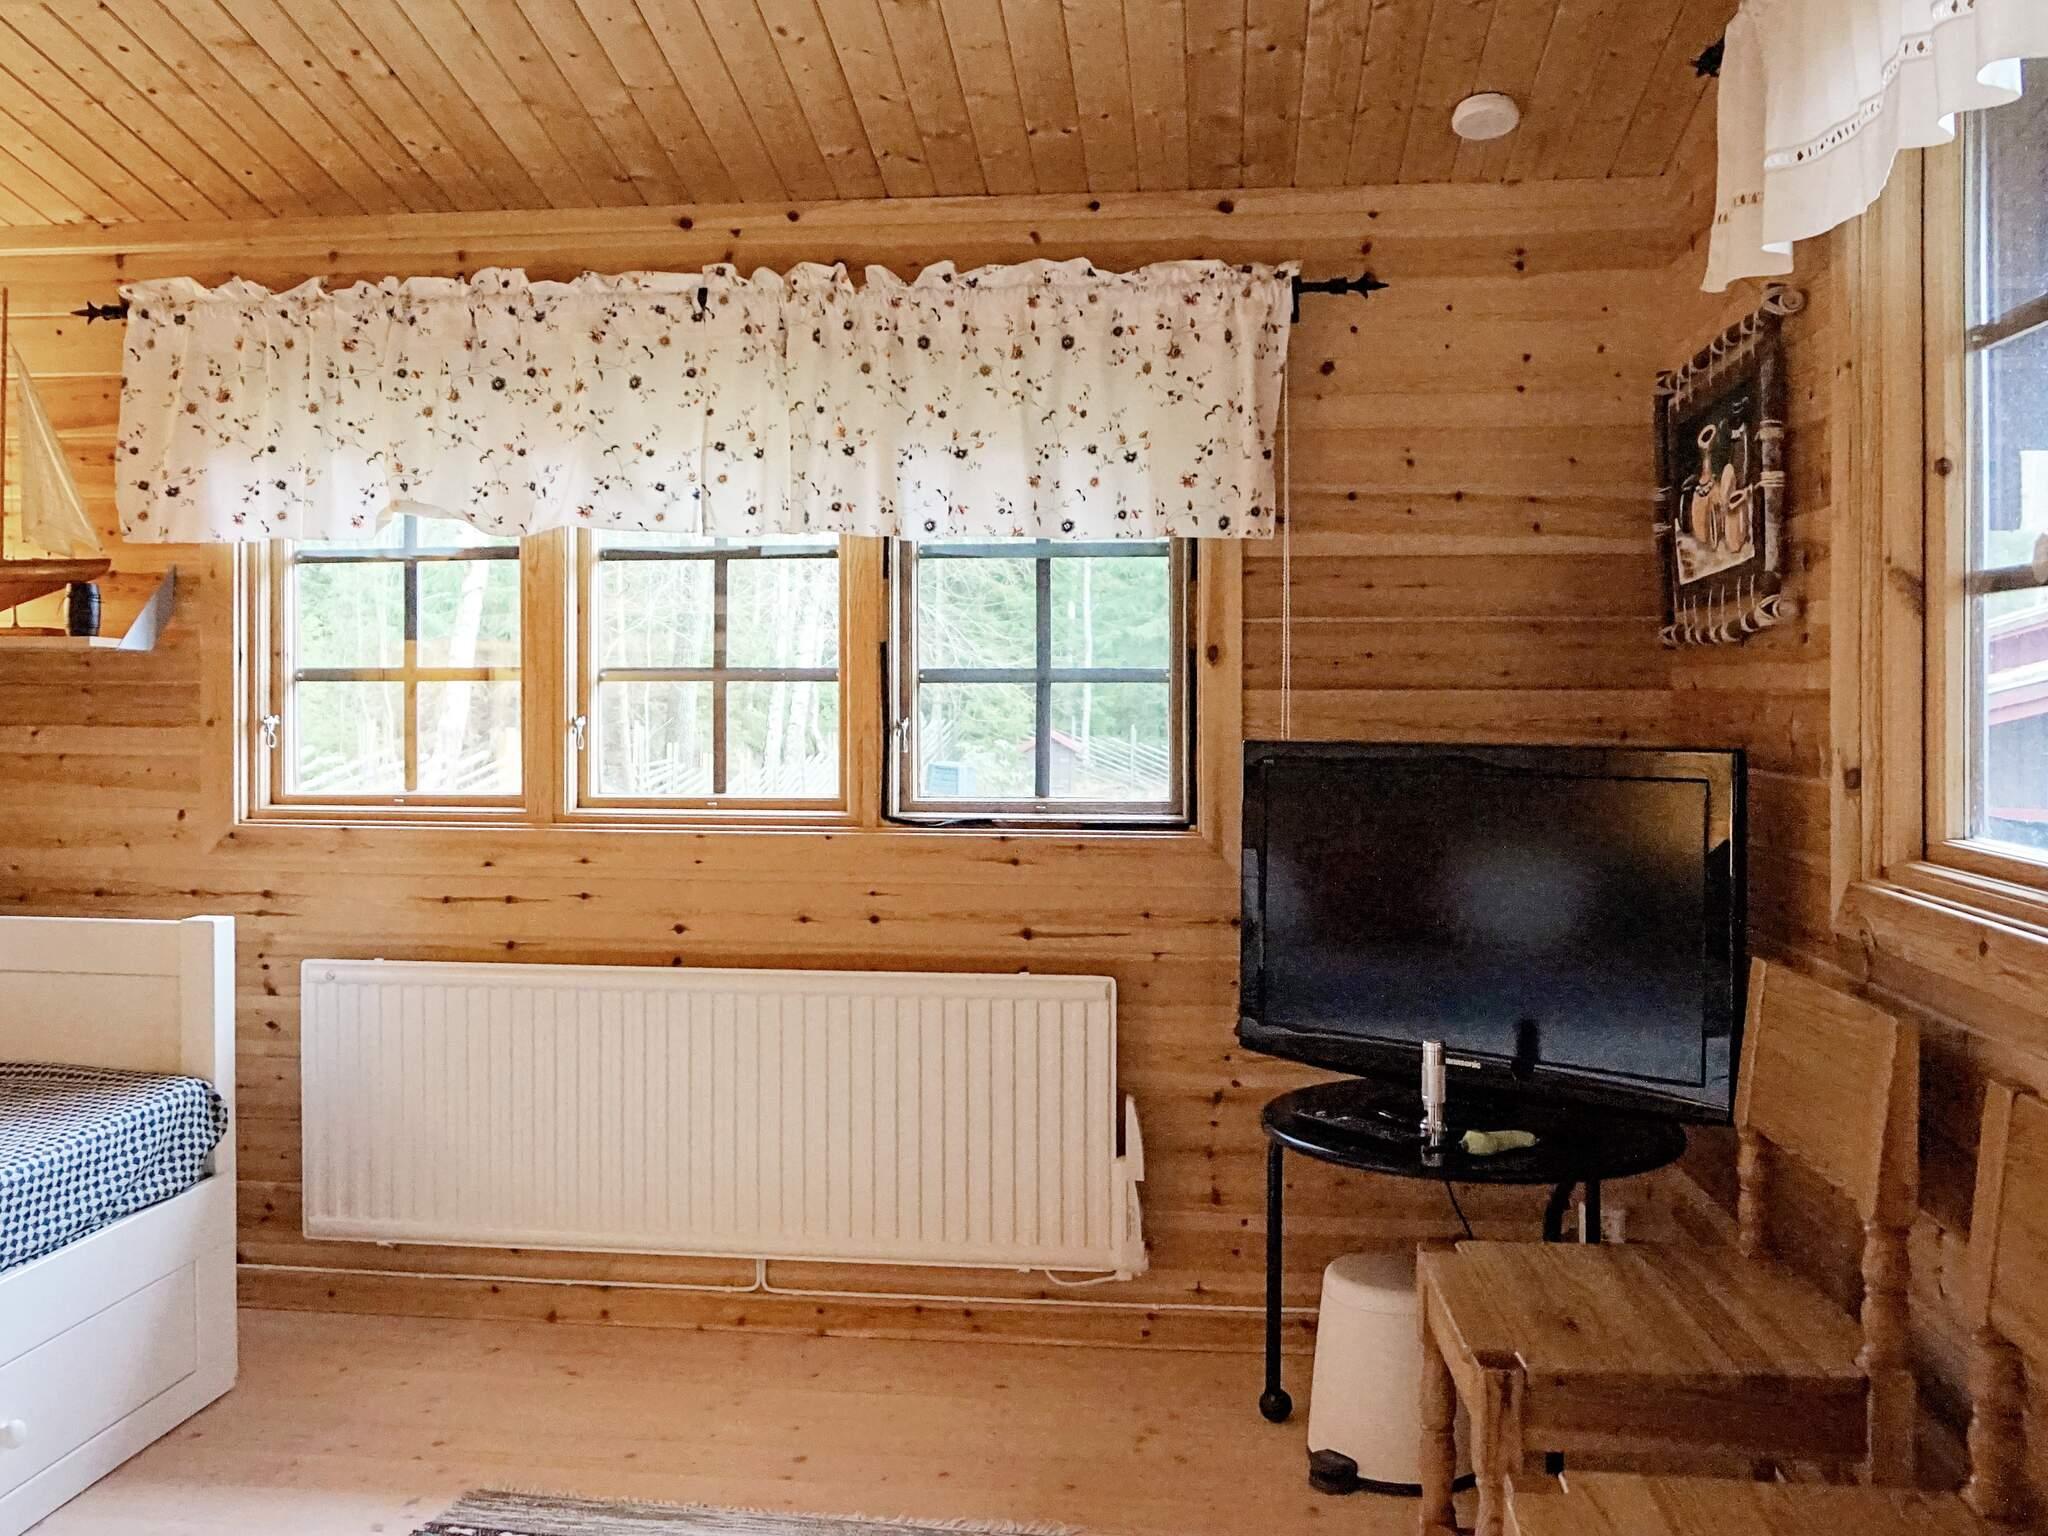 Ferienhaus Ambjörnarp (2701524), Ambjörnarp, Västra Götaland län, Westschweden, Schweden, Bild 13